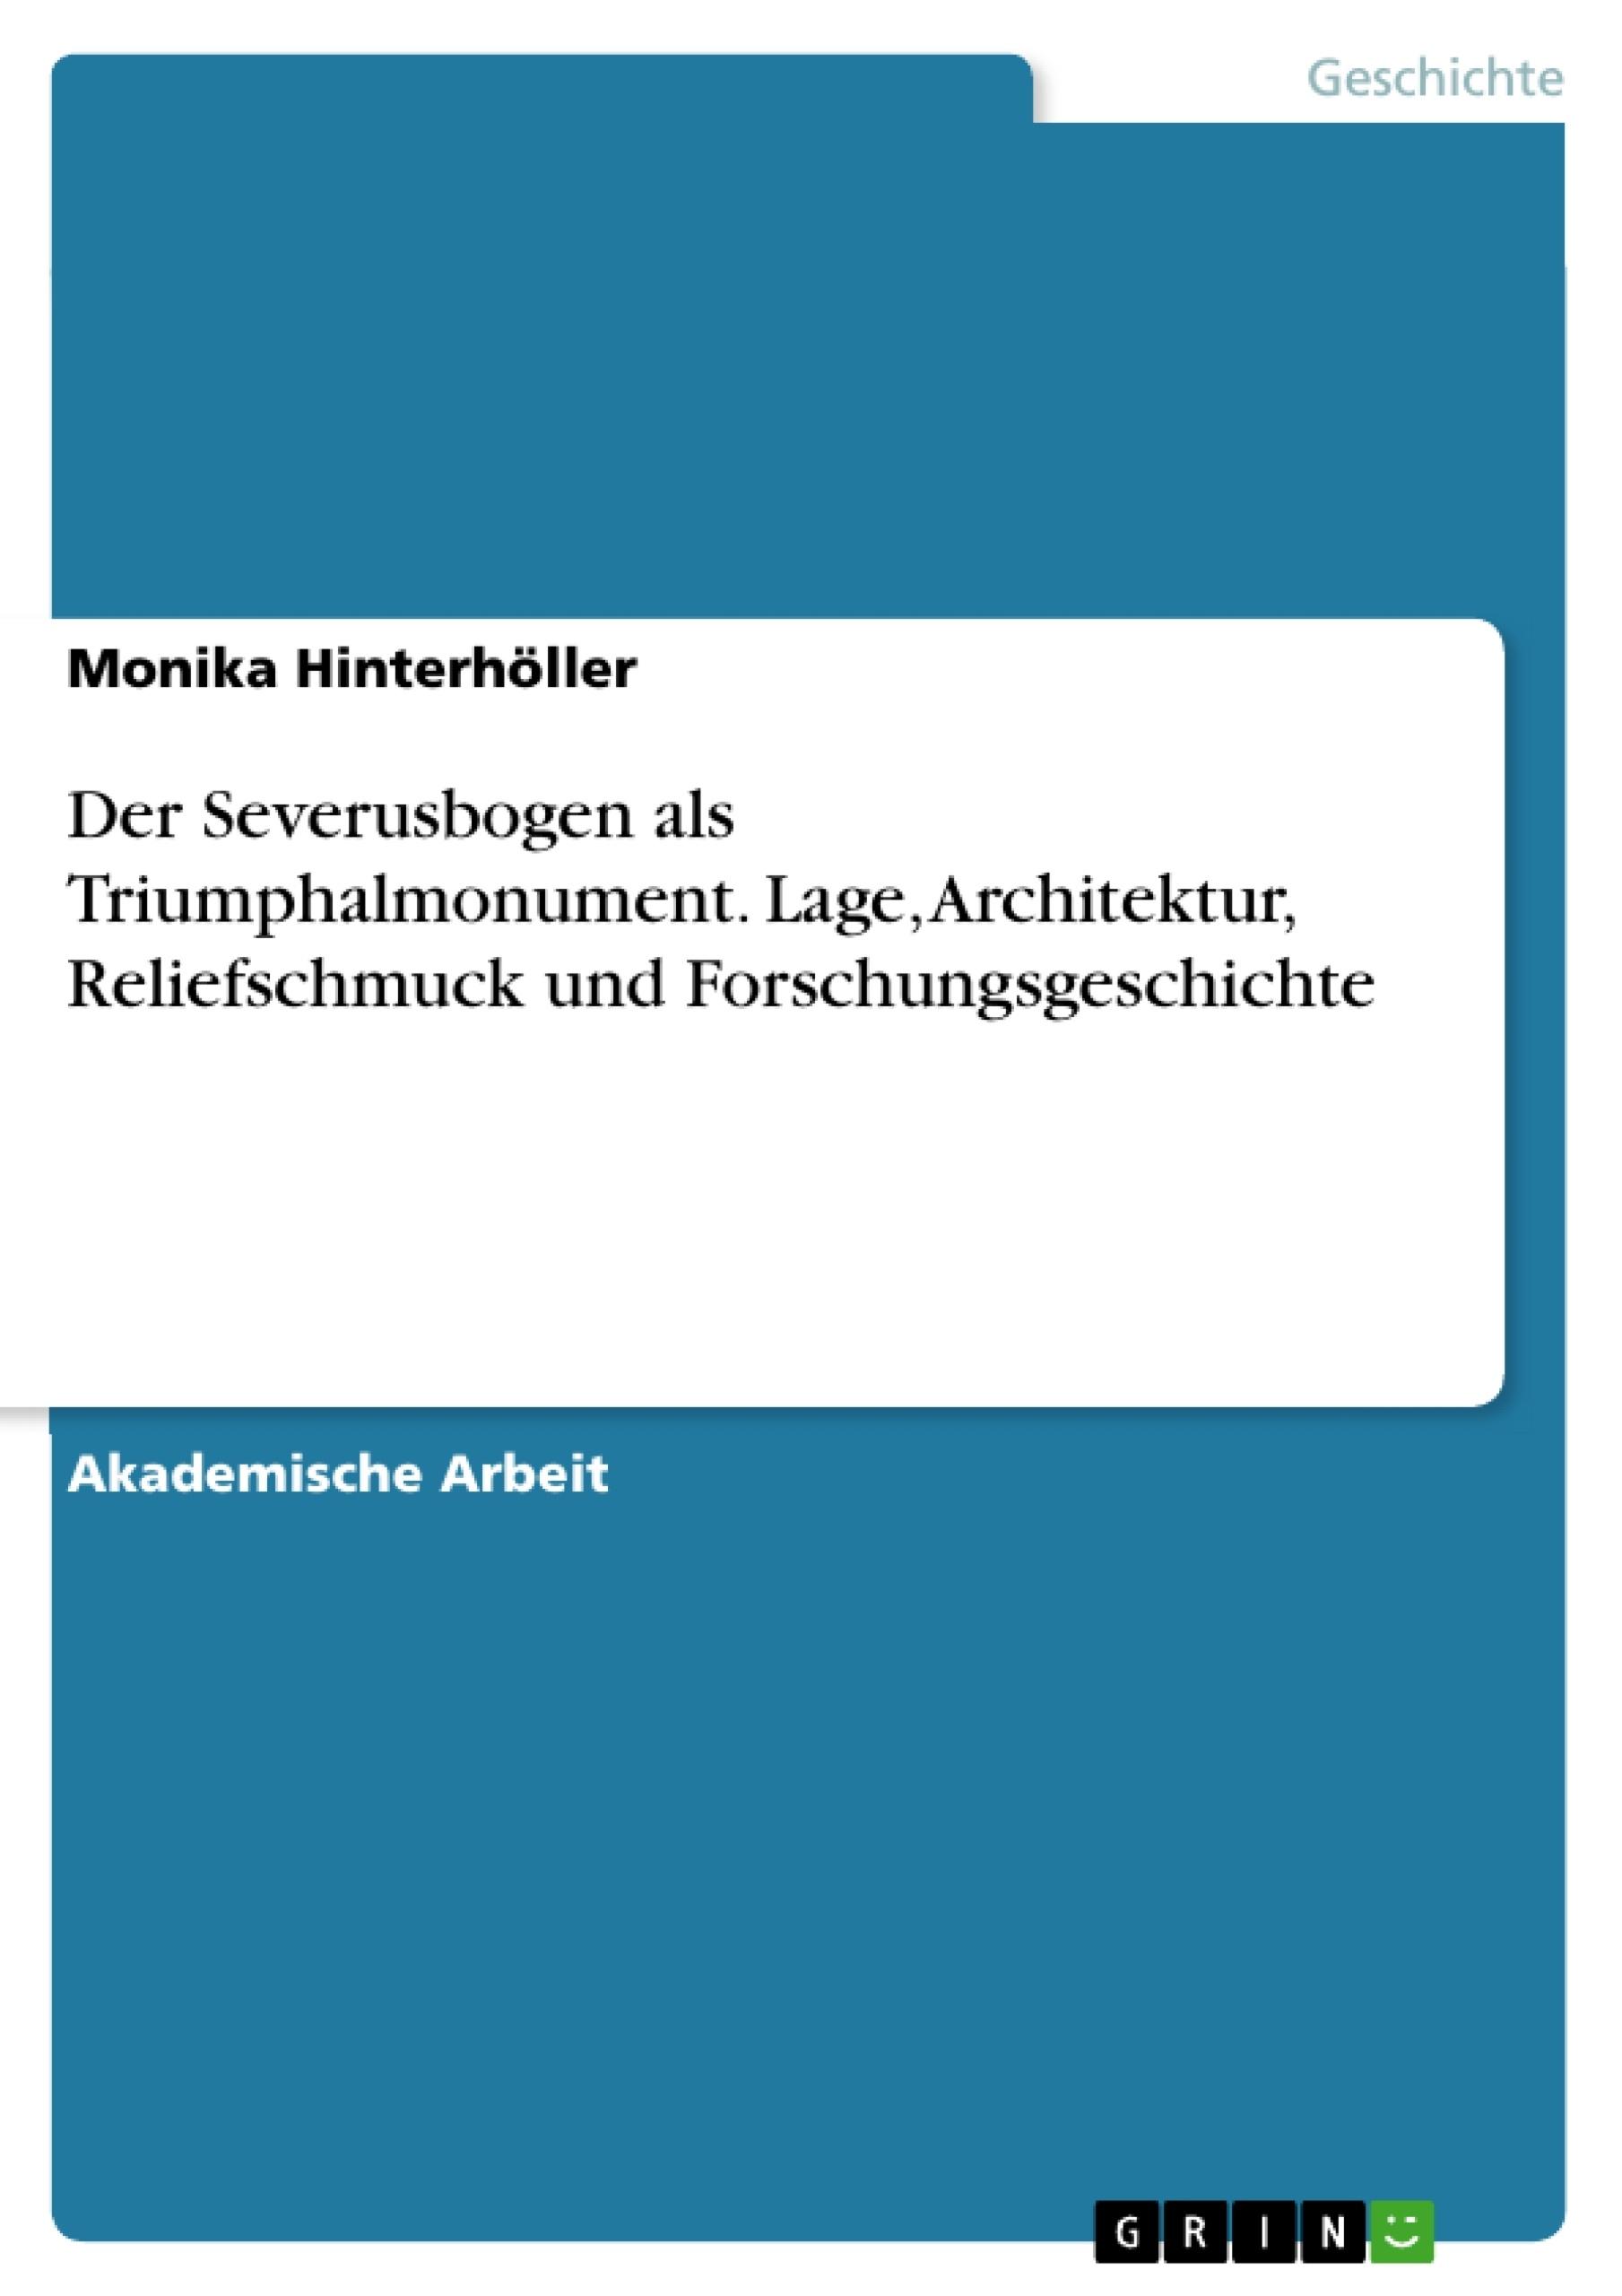 Titel: Der Severusbogen als Triumphalmonument. Lage, Architektur, Reliefschmuck und Forschungsgeschichte